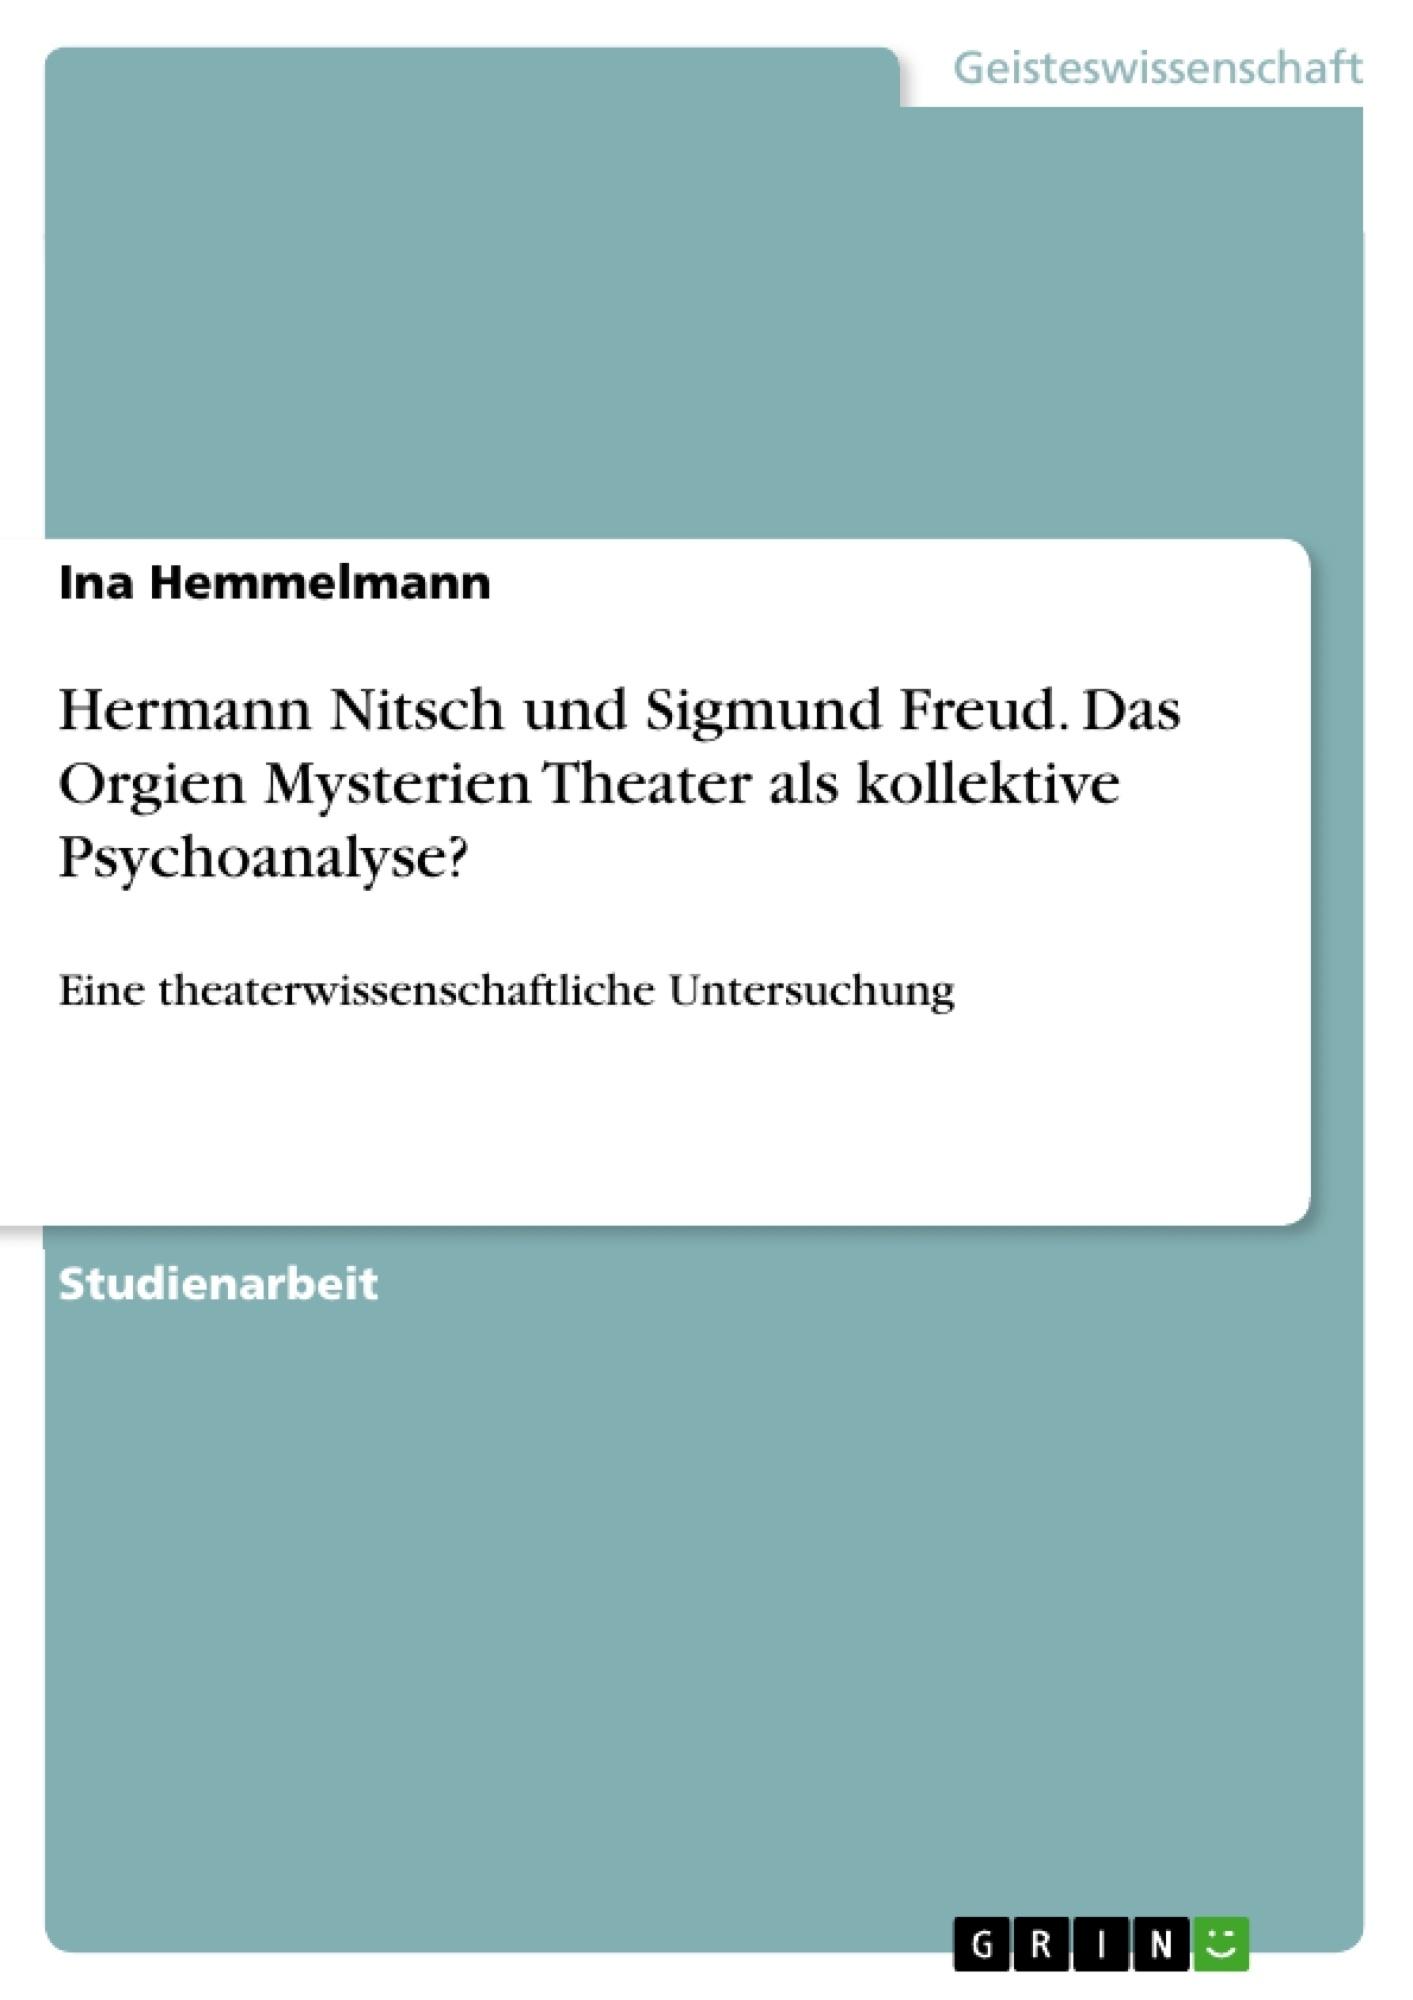 Titel: Hermann Nitsch und Sigmund Freud. Das Orgien Mysterien Theater als kollektive Psychoanalyse?